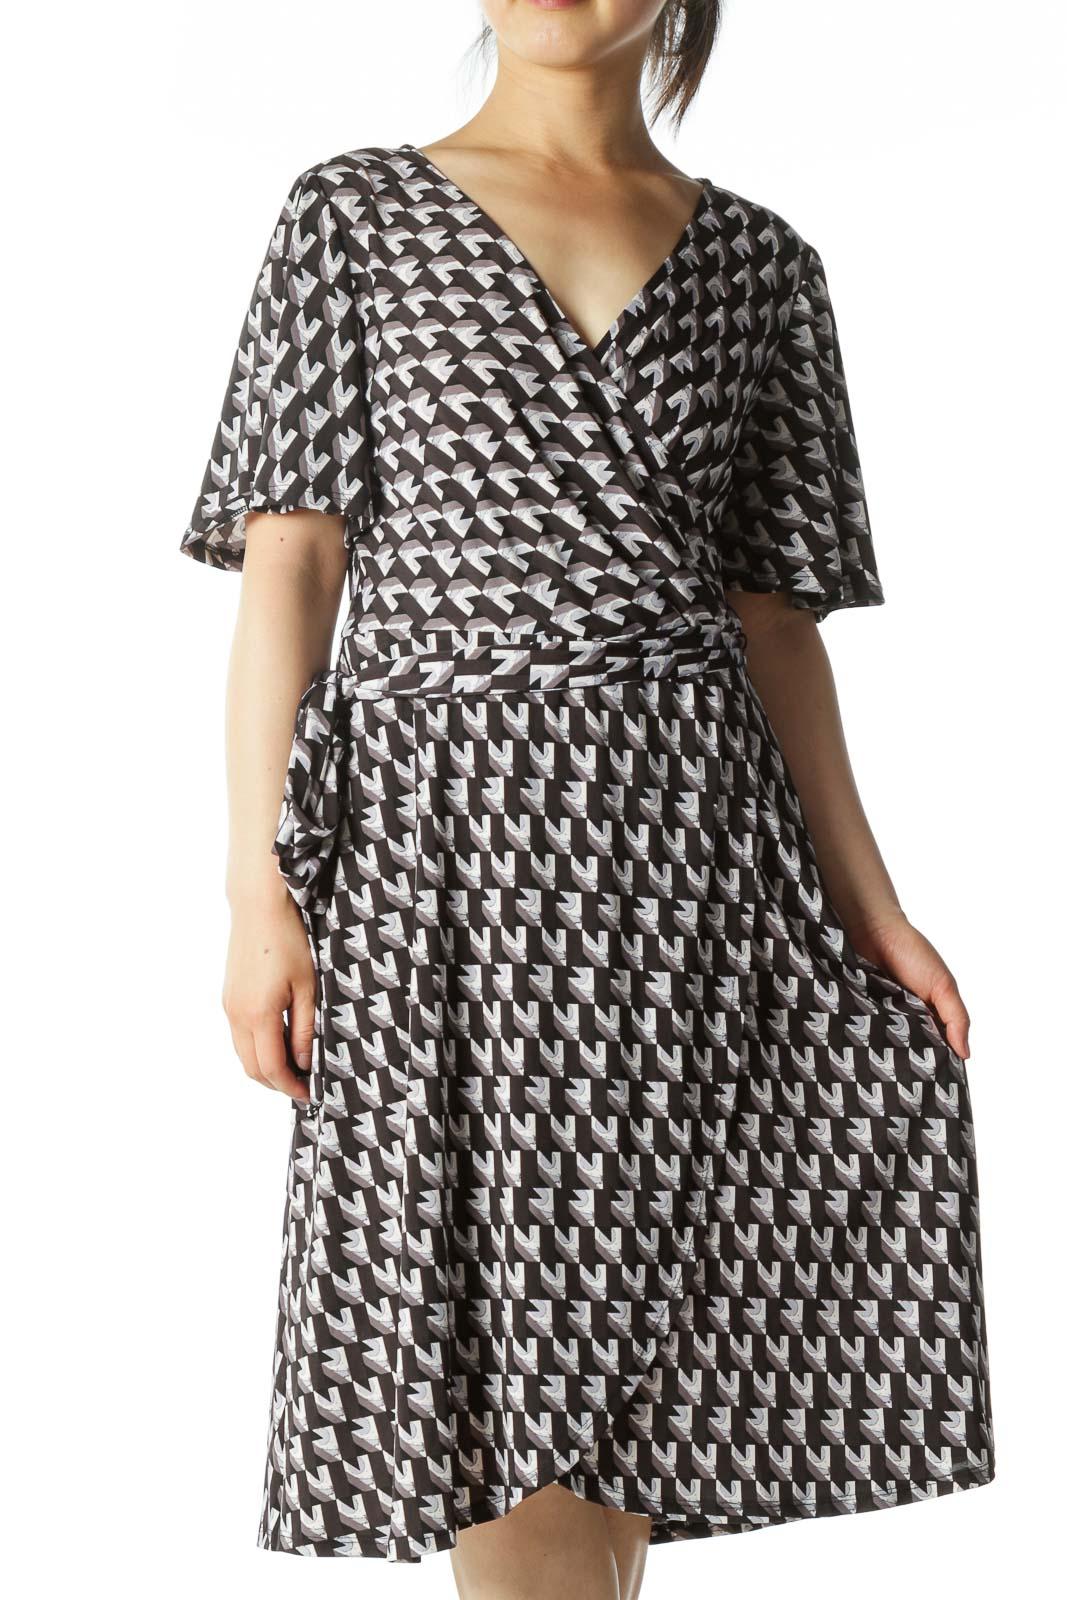 Gray/Blue/Black Geometric-Print Wrap Day Dress Front